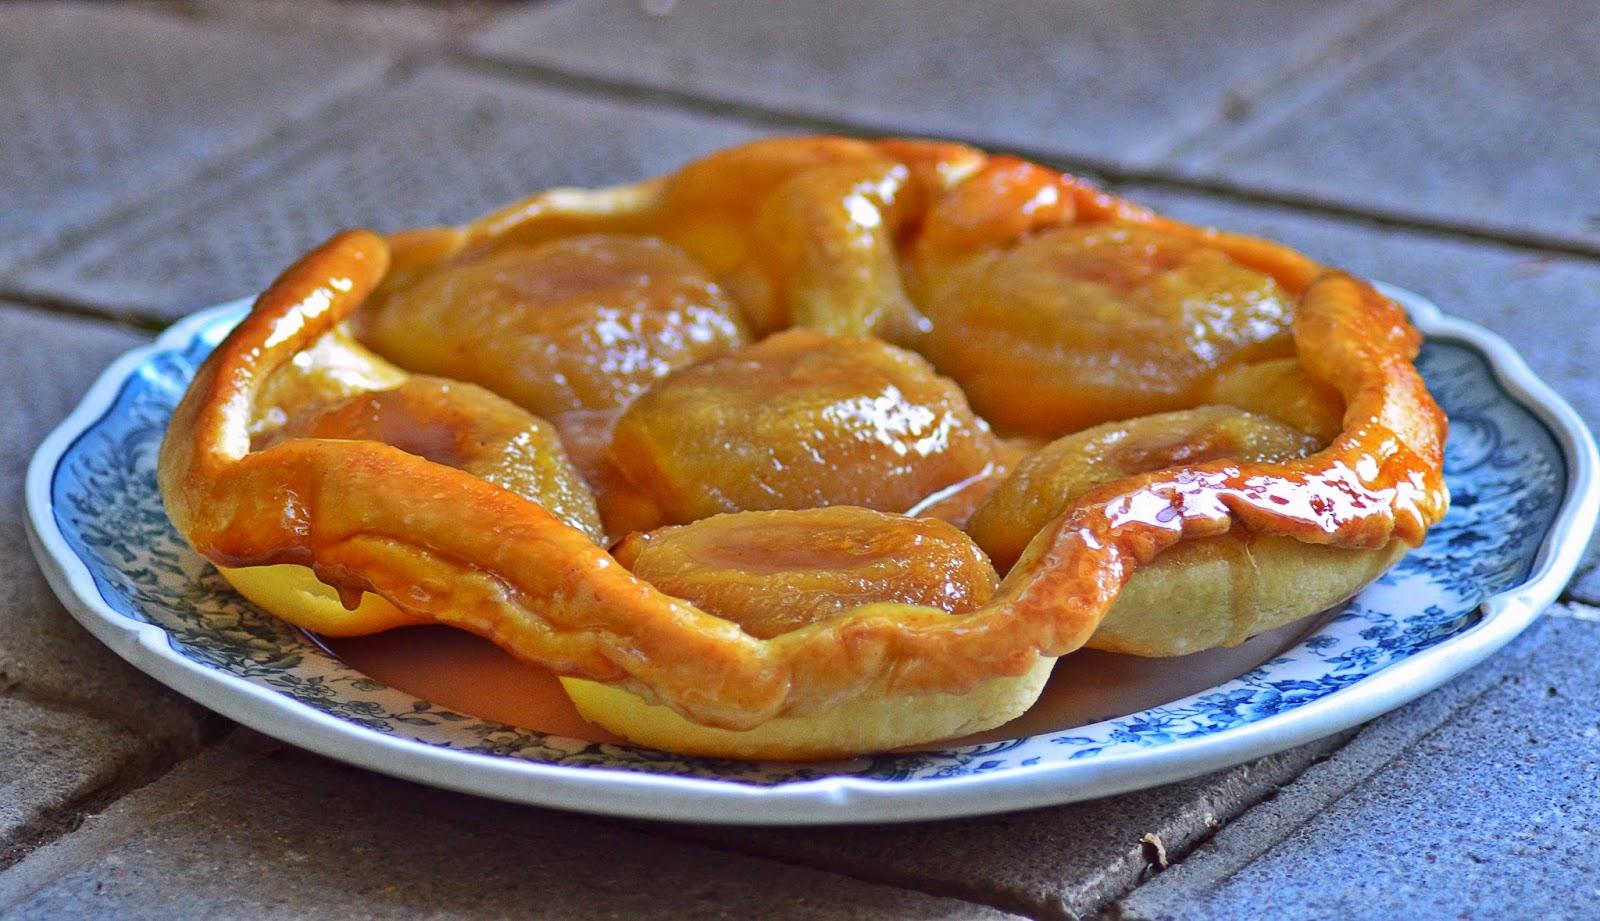 Frans recept: tarte tatin met appel en karmel